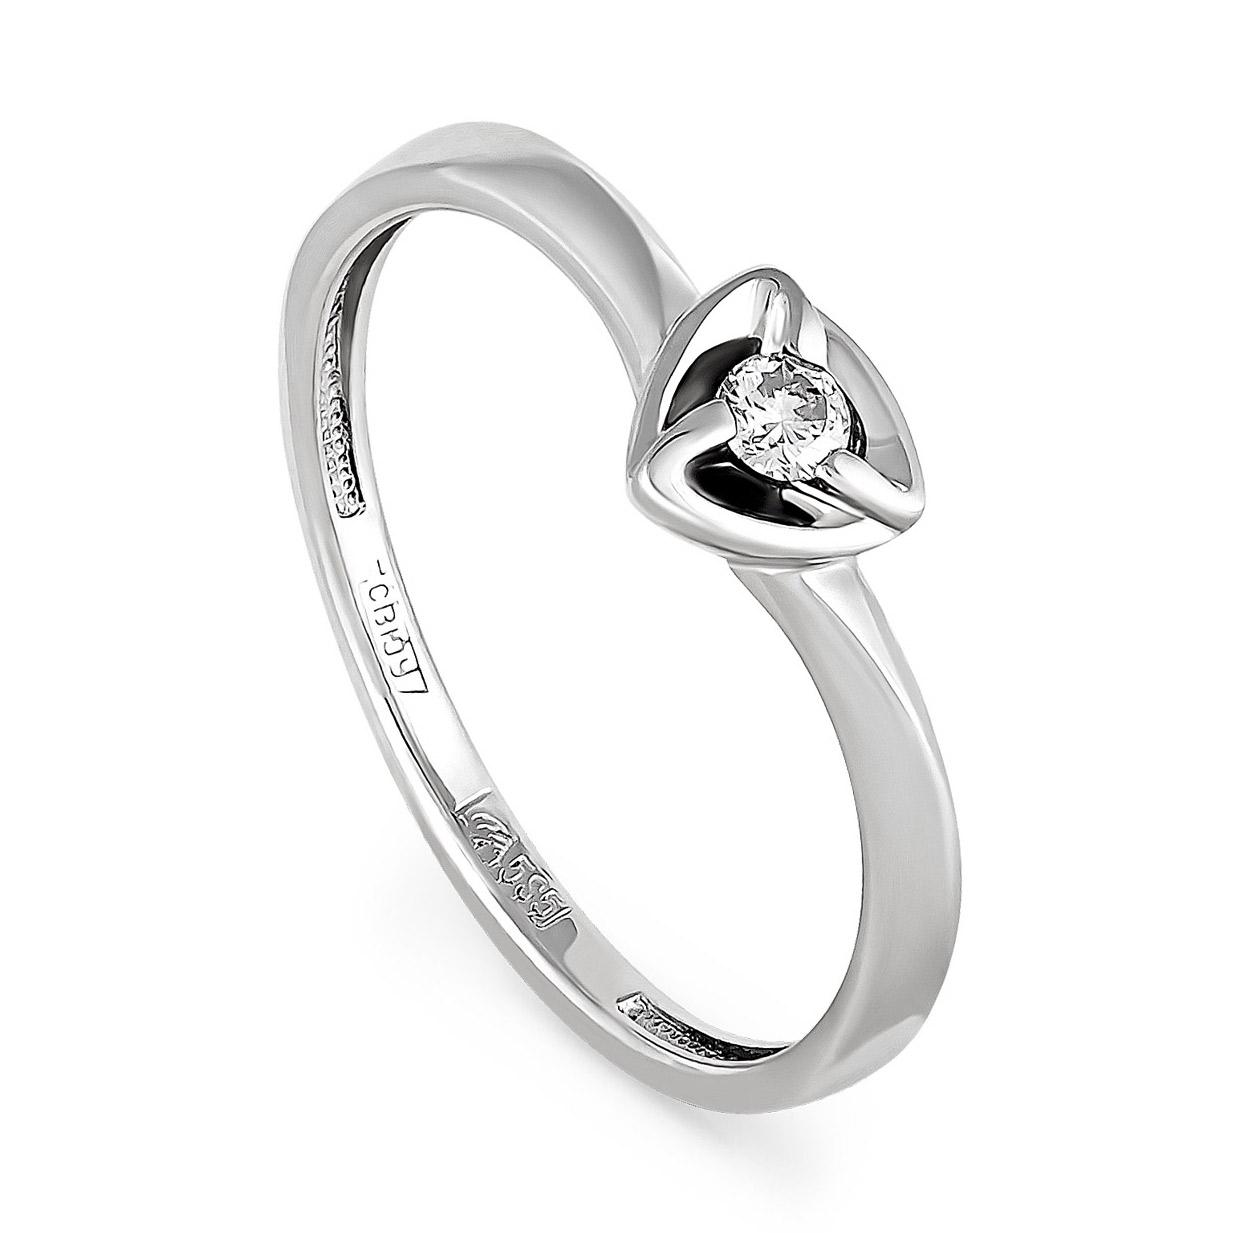 Помолвочное кольцо из белого золота с бриллиантом Бриллиант арт. 11-1857-1000 11-1857-1000